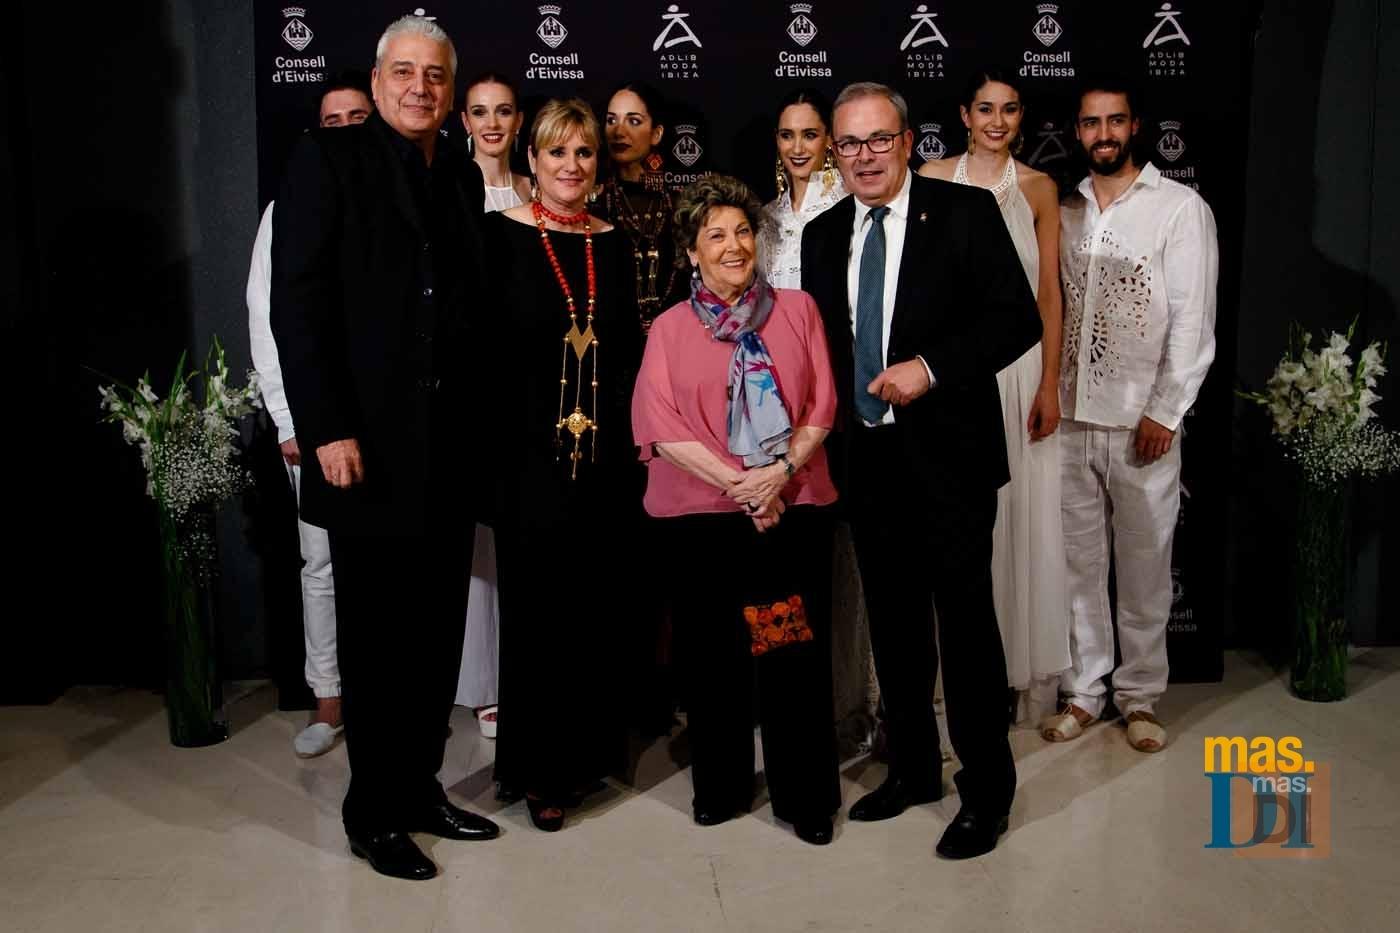 Adlib celebra la moda en Madrid